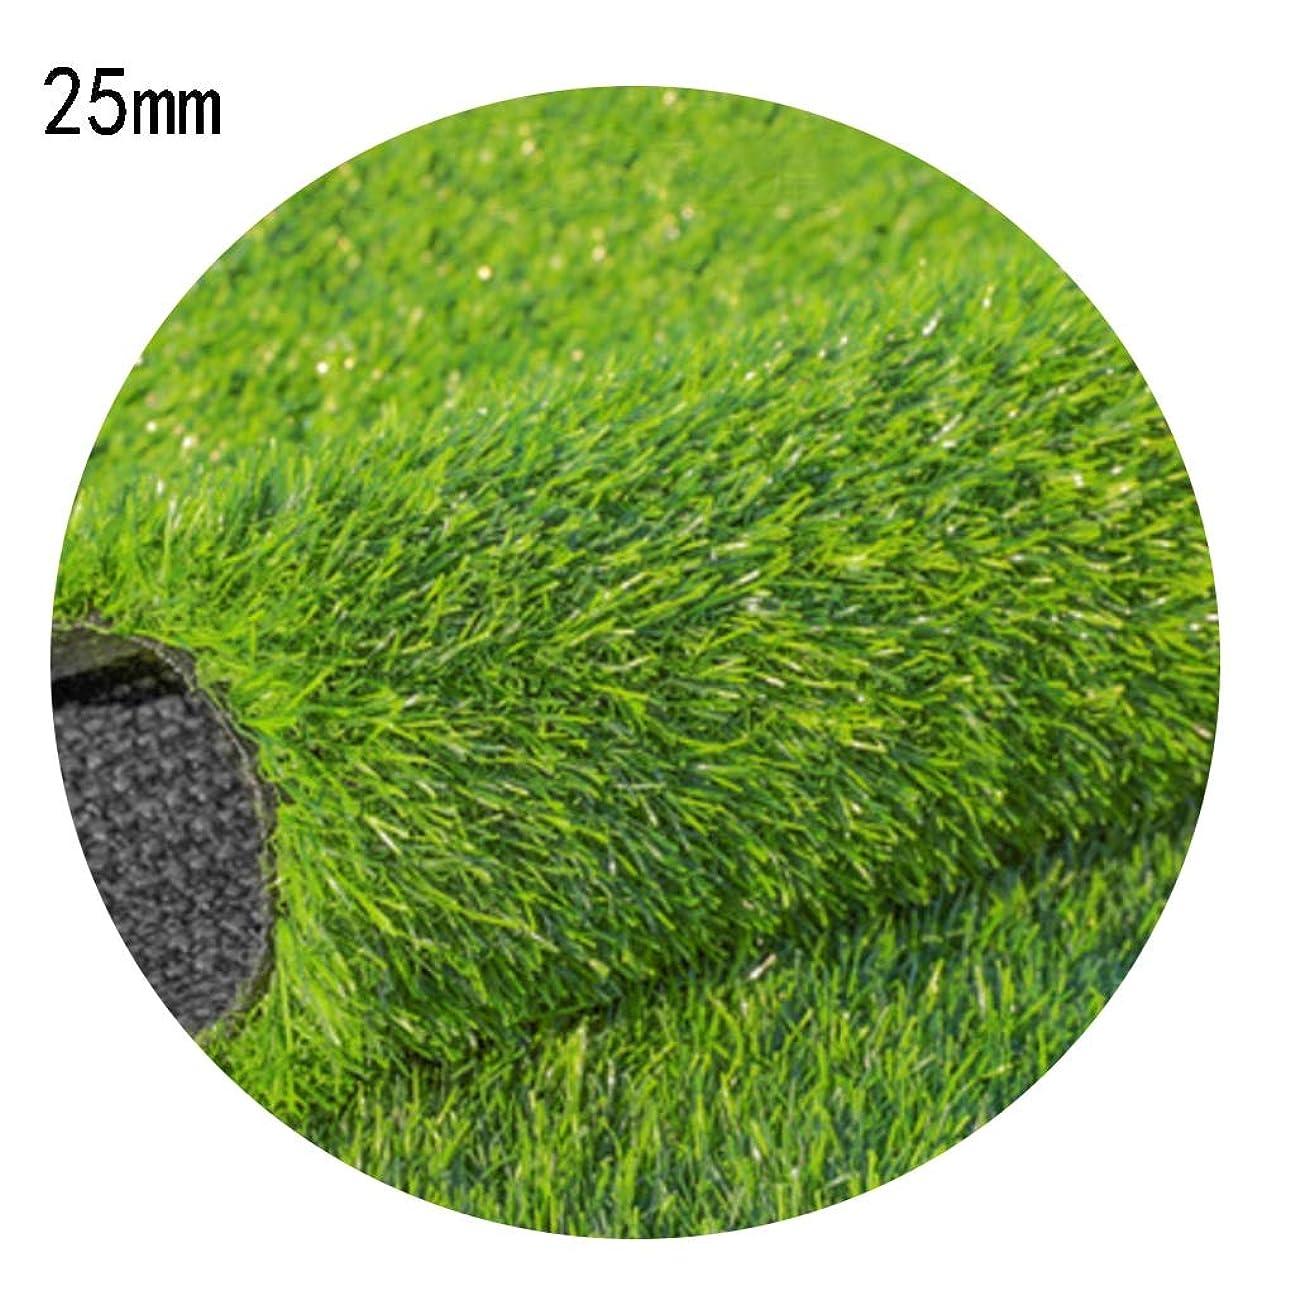 疑い略奪シャンプーXEWNEG 庭の人工芝カーペット、高さ25mm、暗号化された厚い緑の人工芝、屋外の結婚式のためのテラスの装飾 (Size : 2x6m)